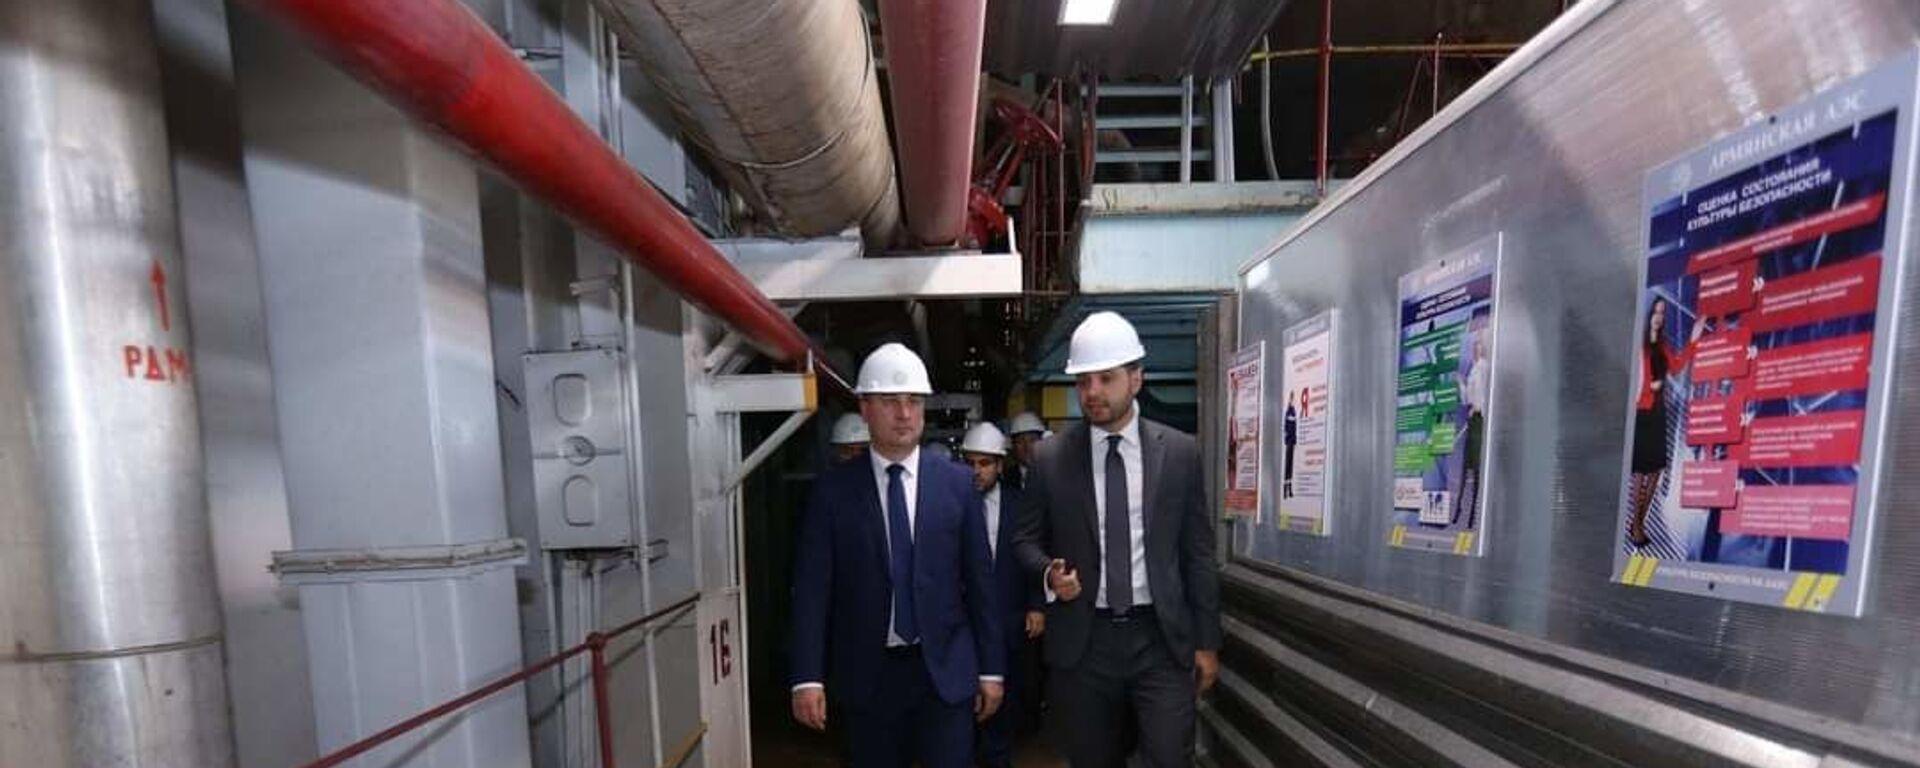 Министр Гнел Саносян посетил армянскую атомную электростанцию - Sputnik Արմենիա, 1920, 20.08.2021